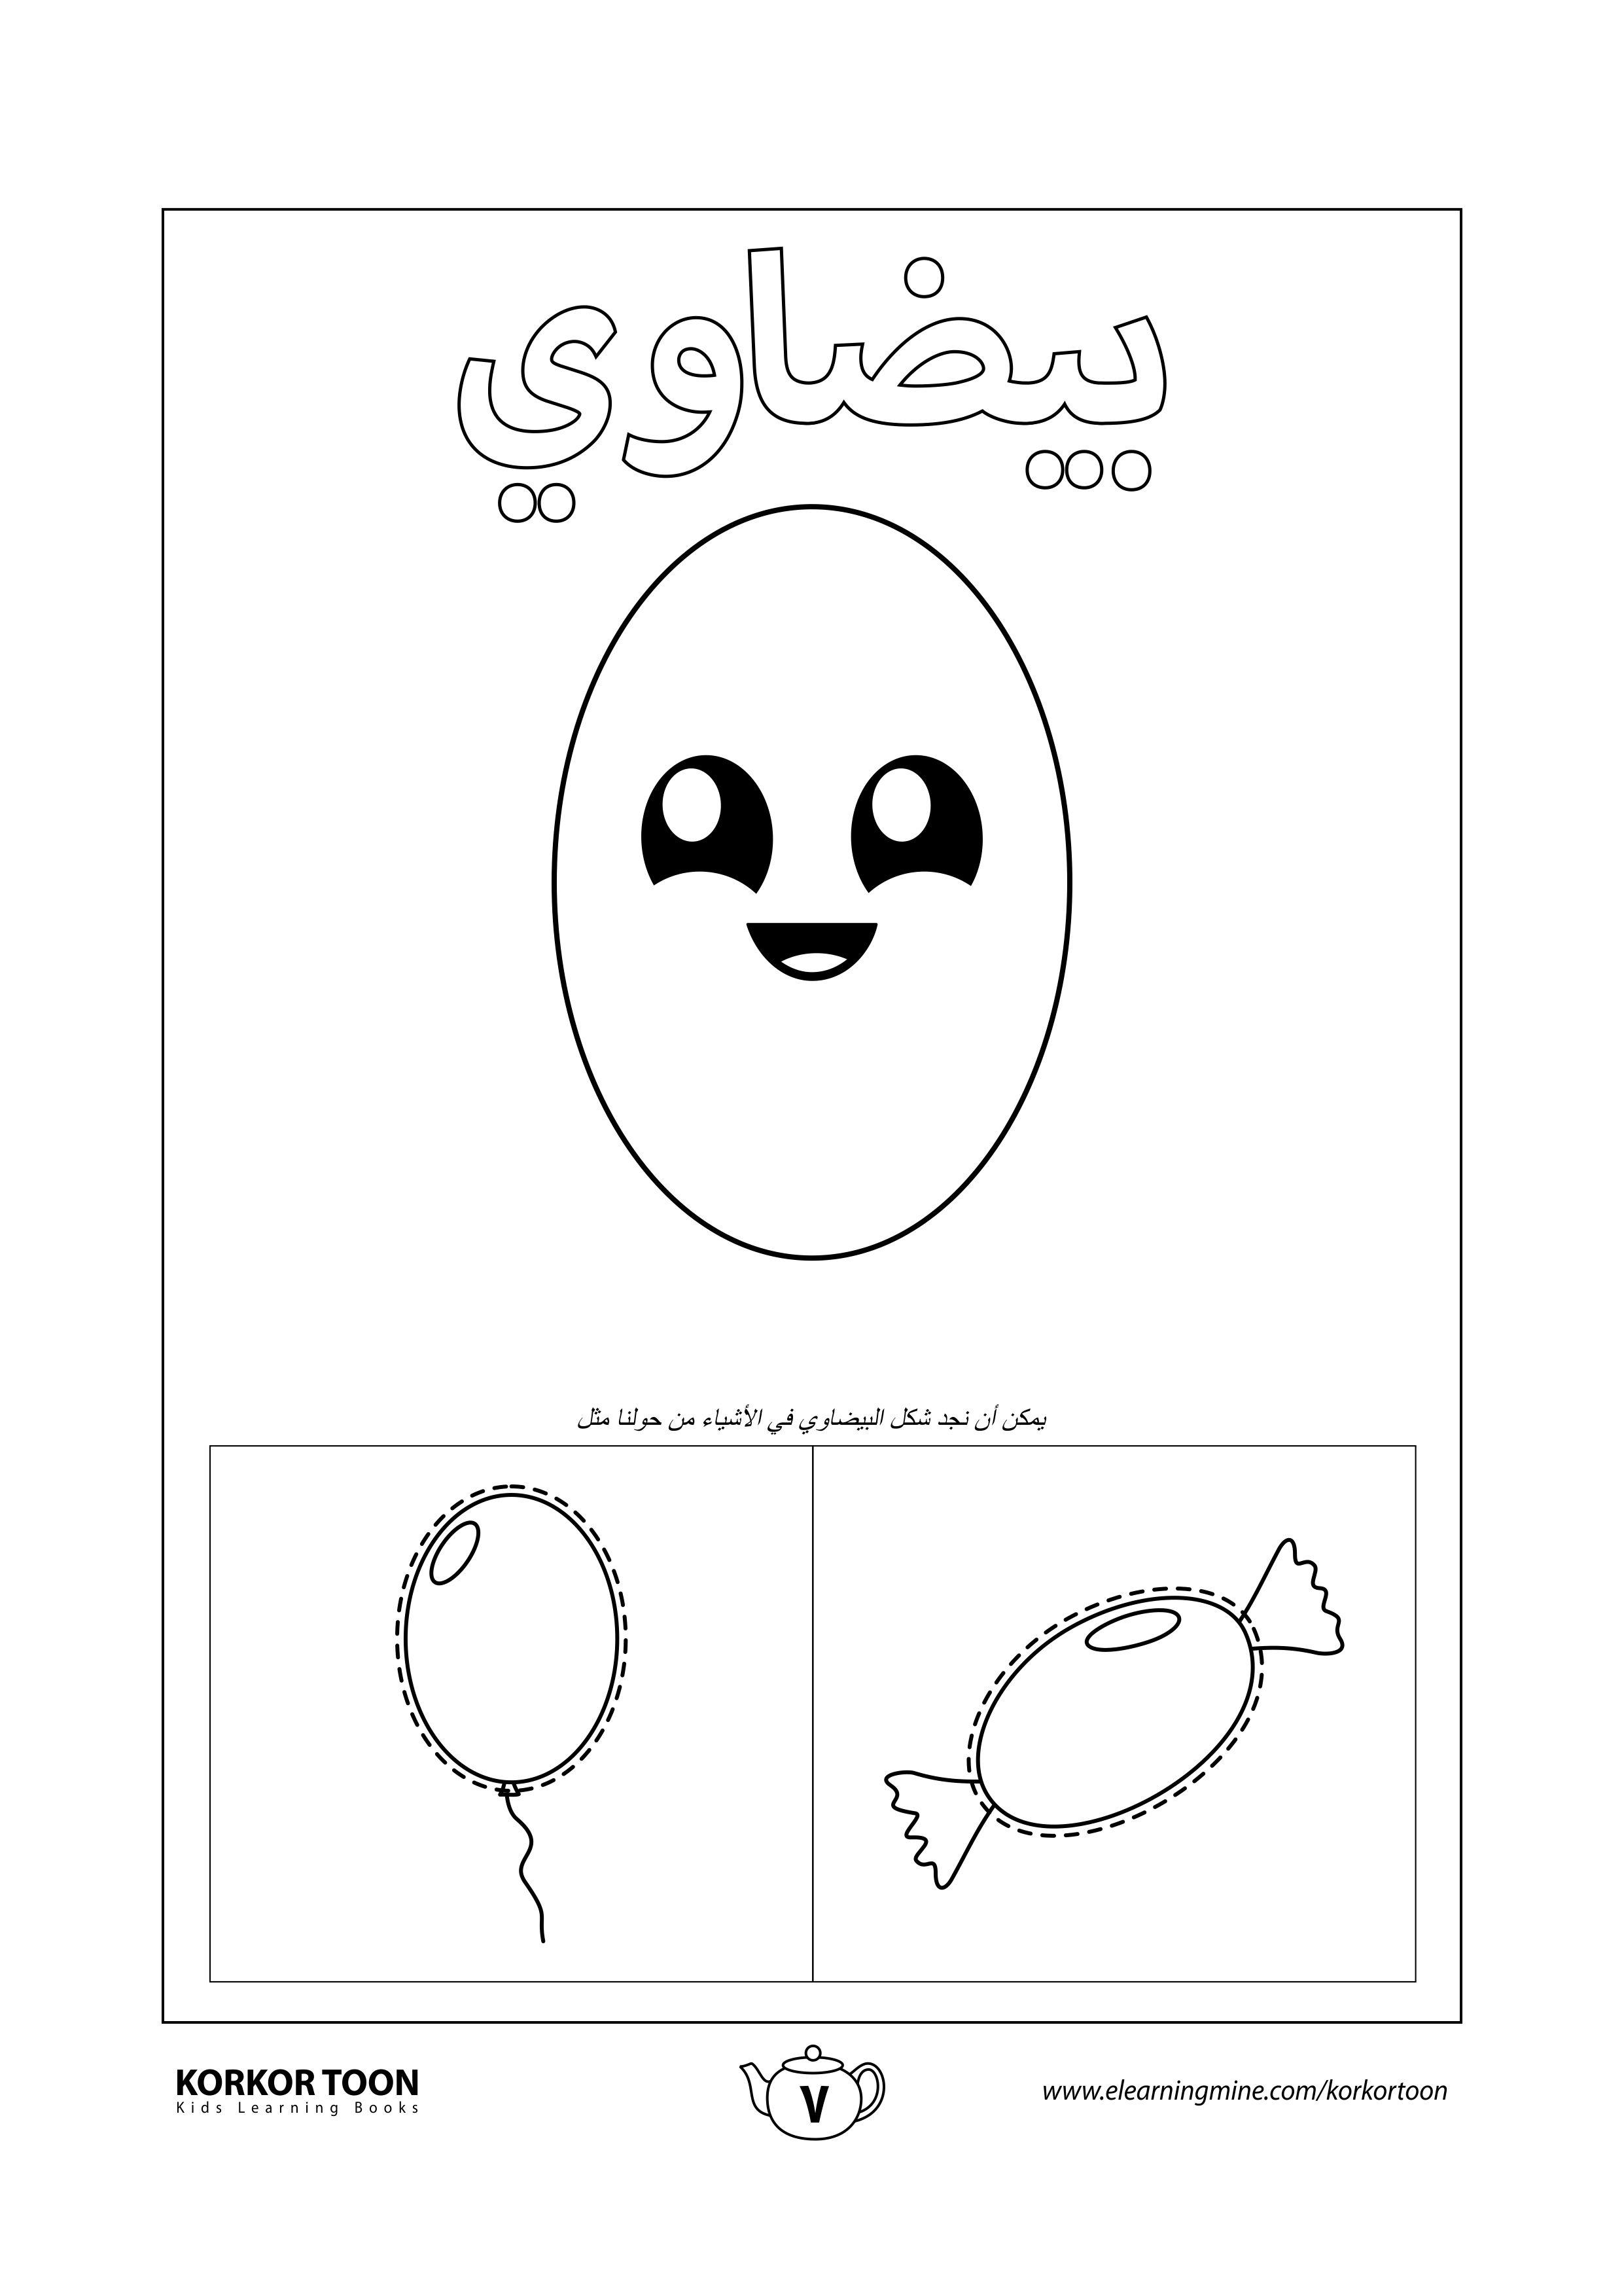 صفحات وأوراق تلوين تعليمية جاهزة للطباعة مجانا للأطفال حمل كتاب